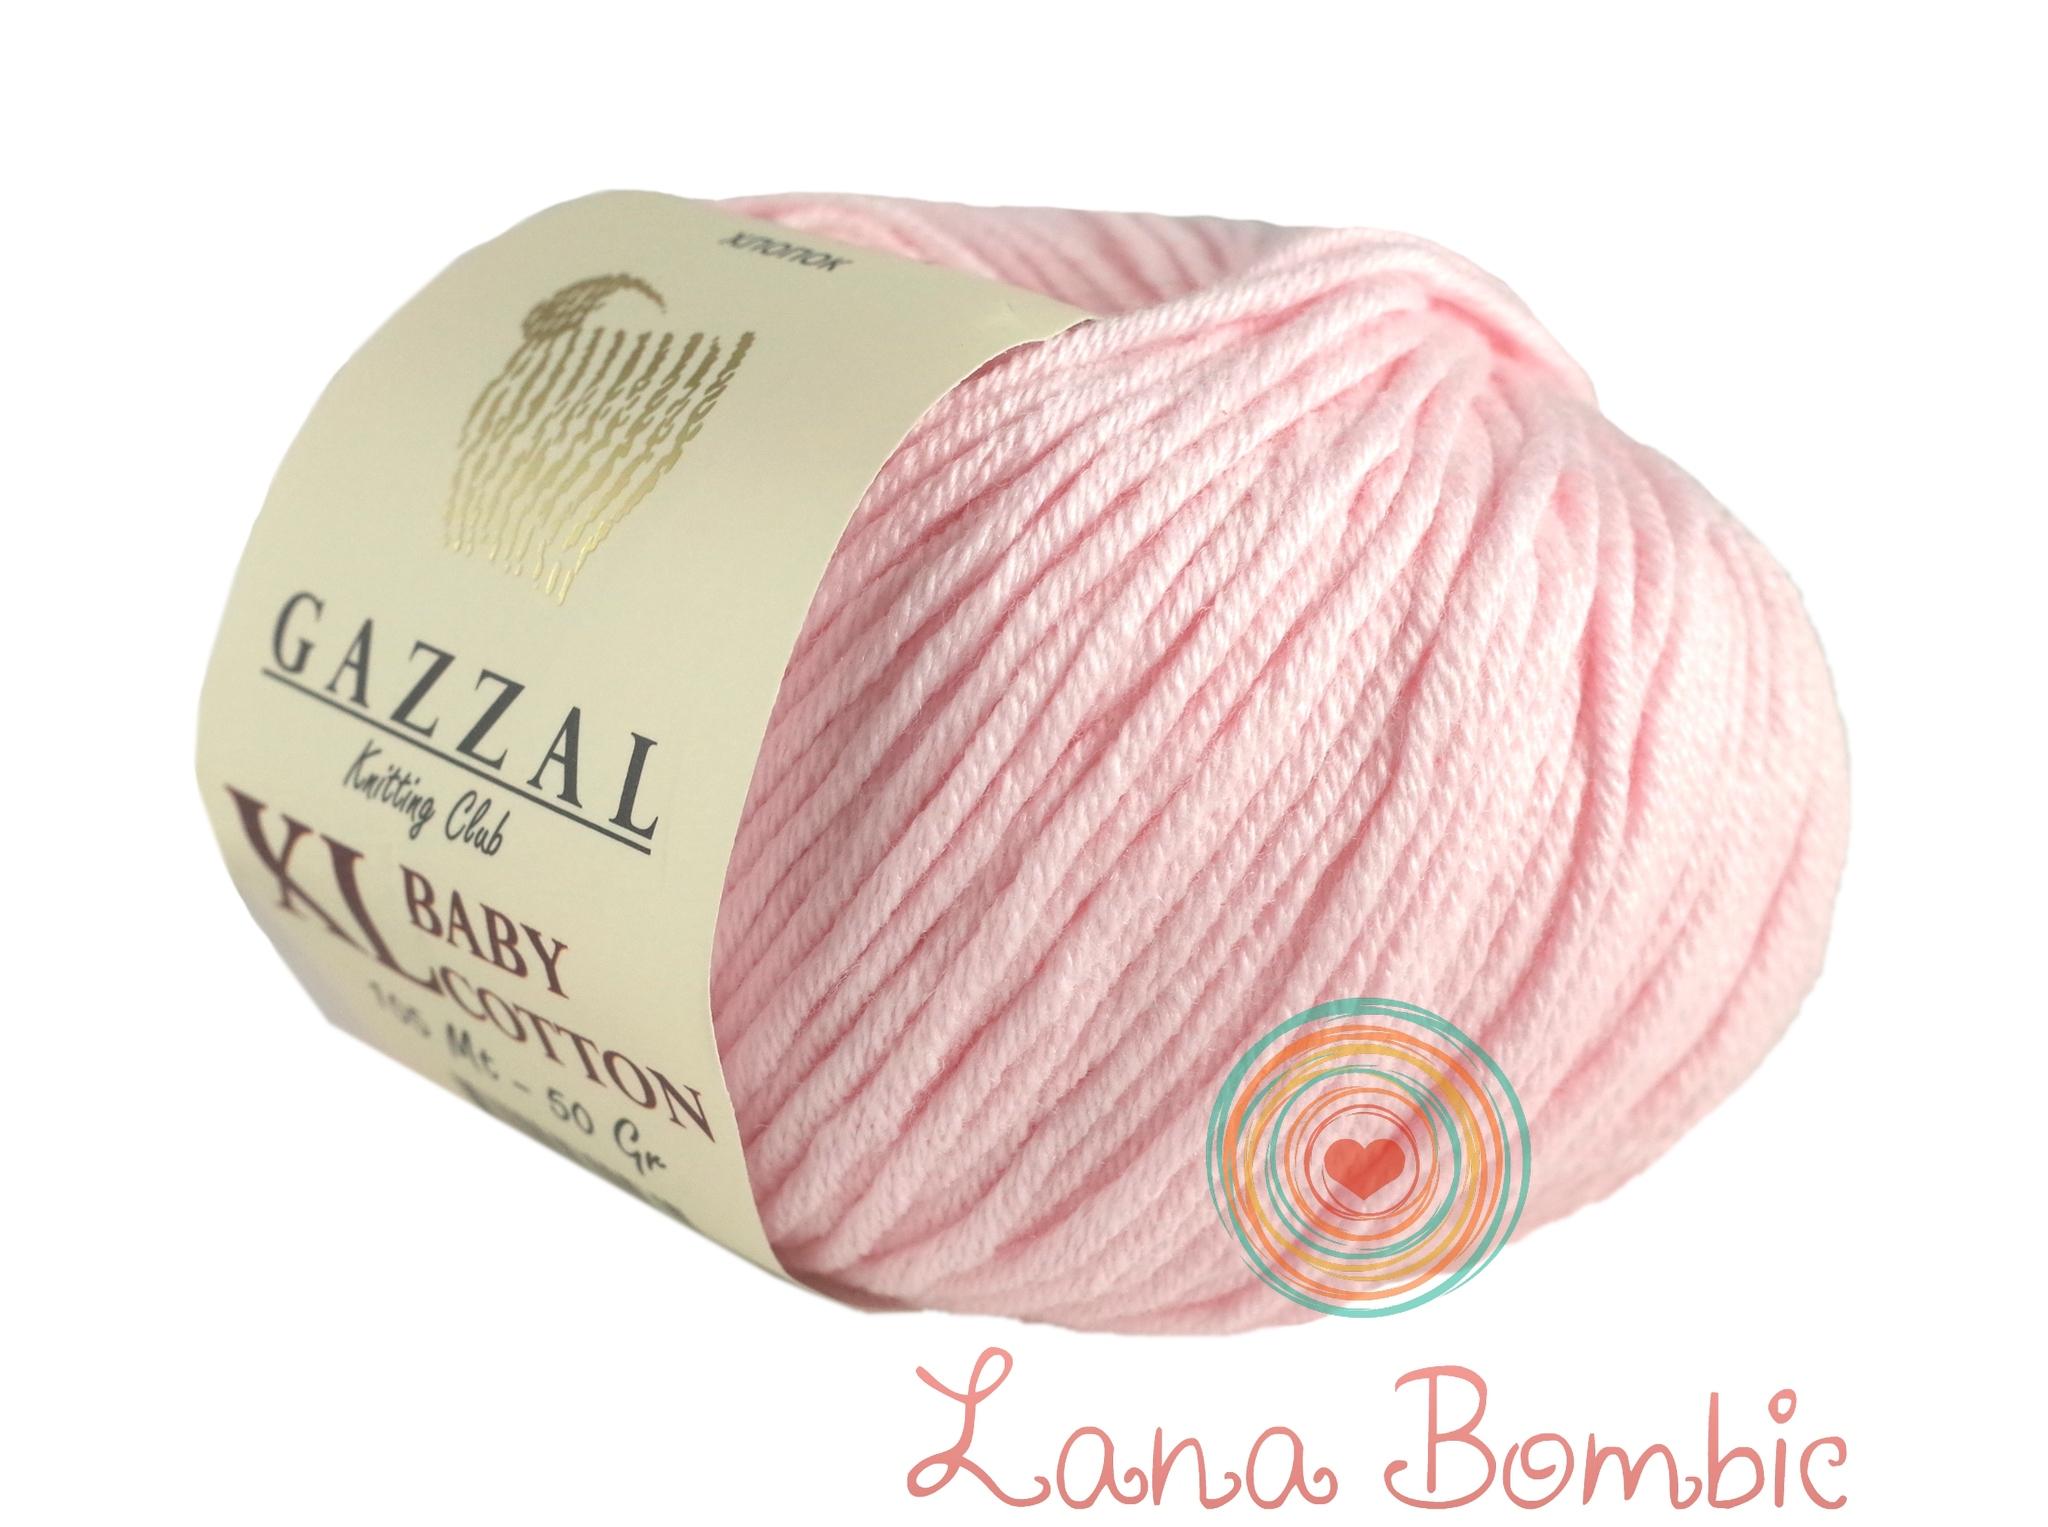 Пряжа Gazzal Baby Cotton XL 3411 нежно-розовый